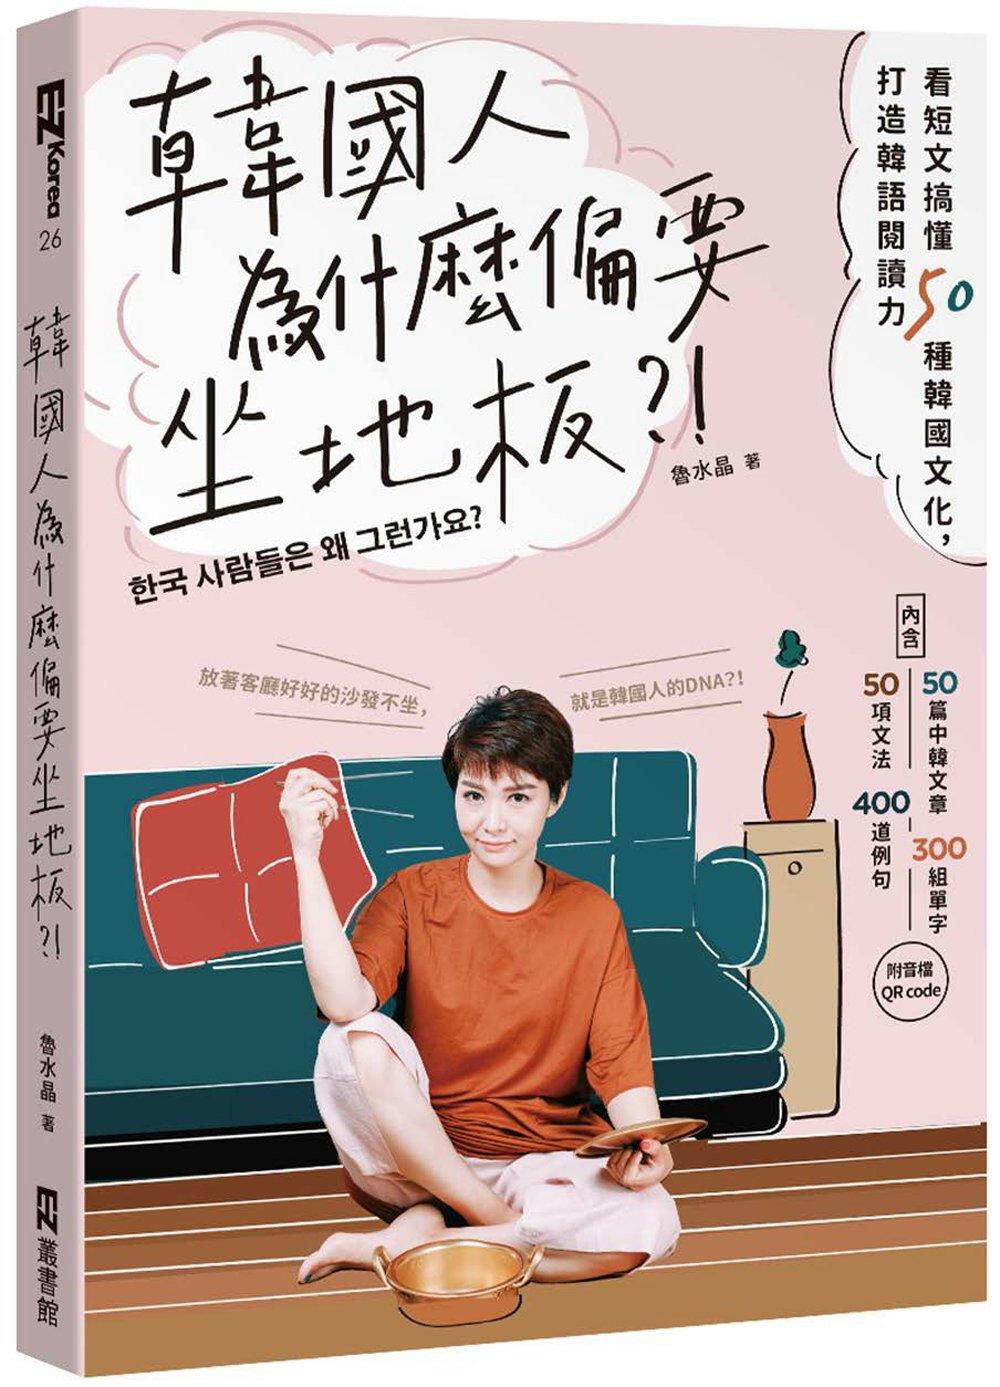 韓國人為什麼偏要坐地板?!:看短文搞懂50種韓國文化,打造韓語閱讀力(附音檔QRCode)